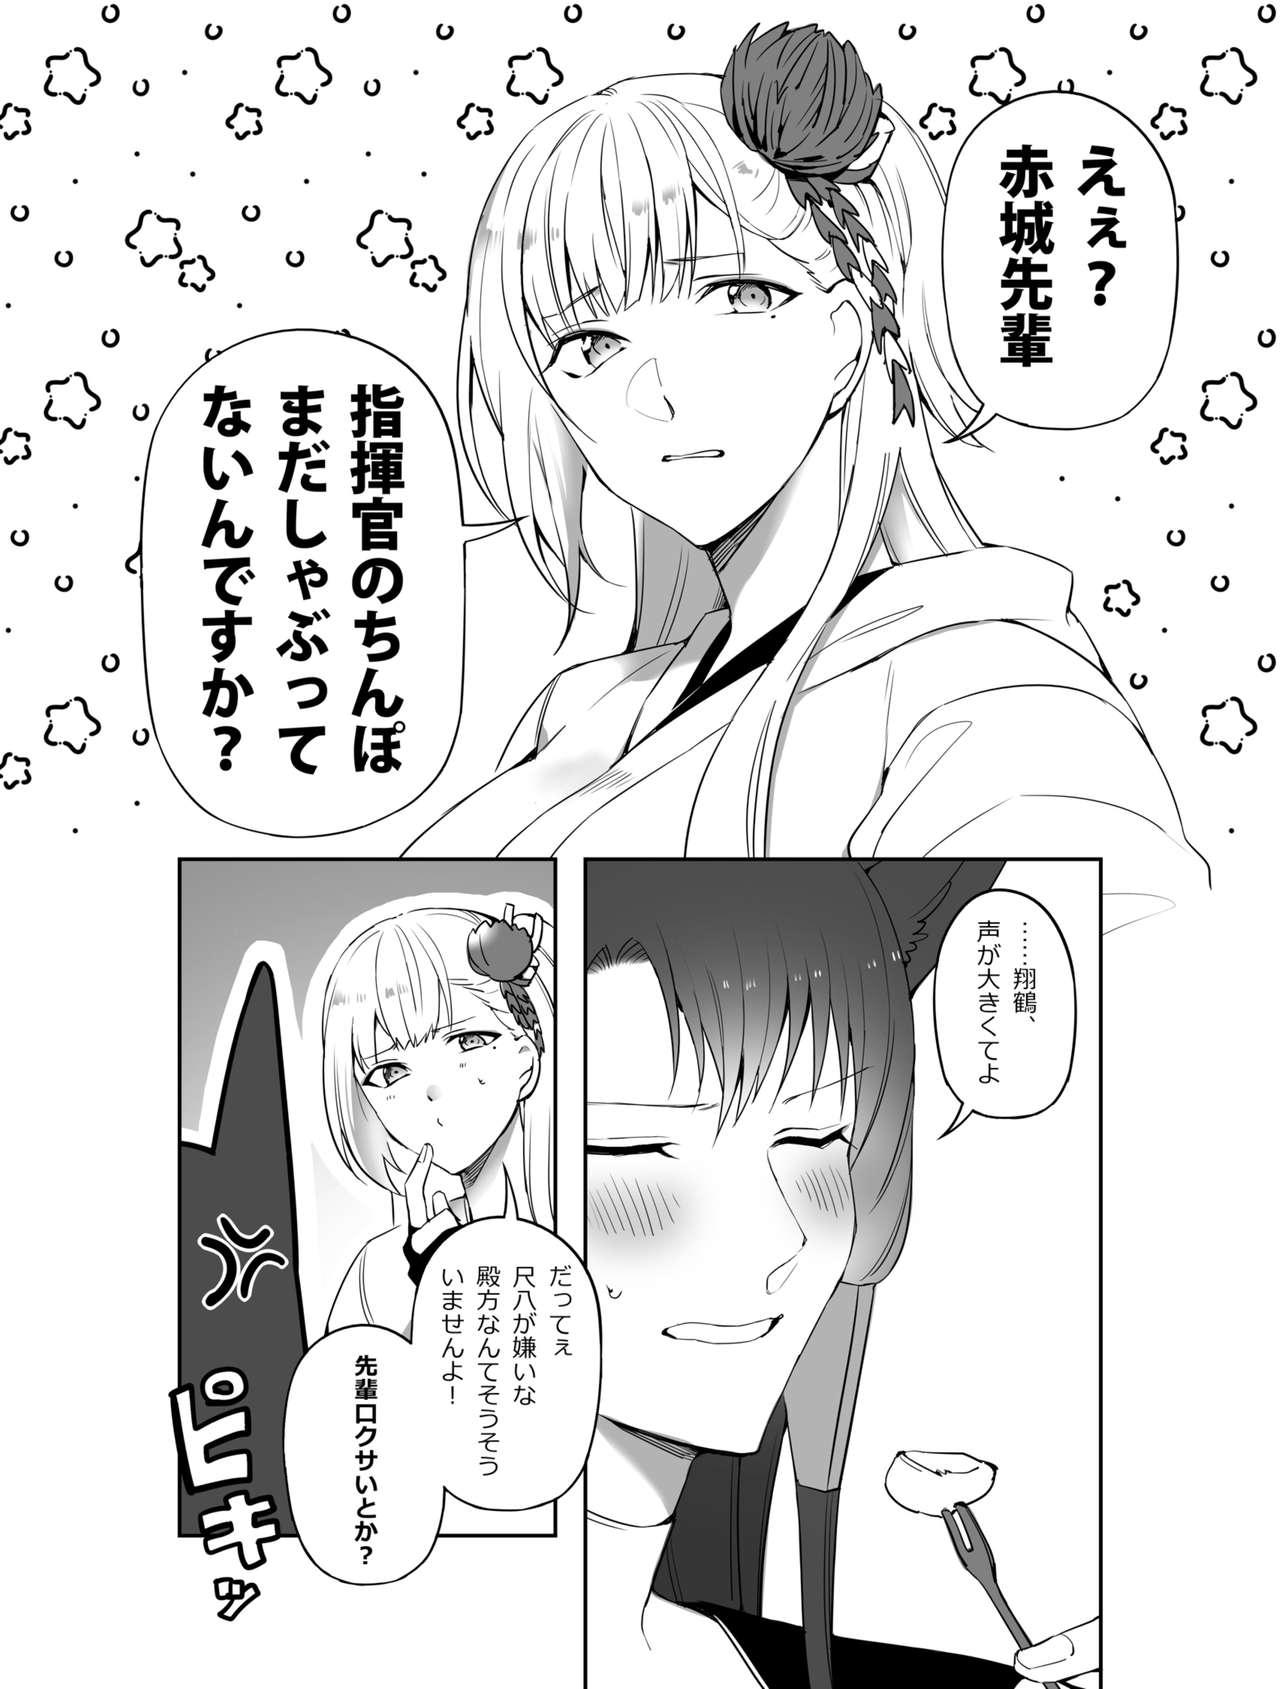 Akagi ni Ochinpo Shaburaseru Hon 2